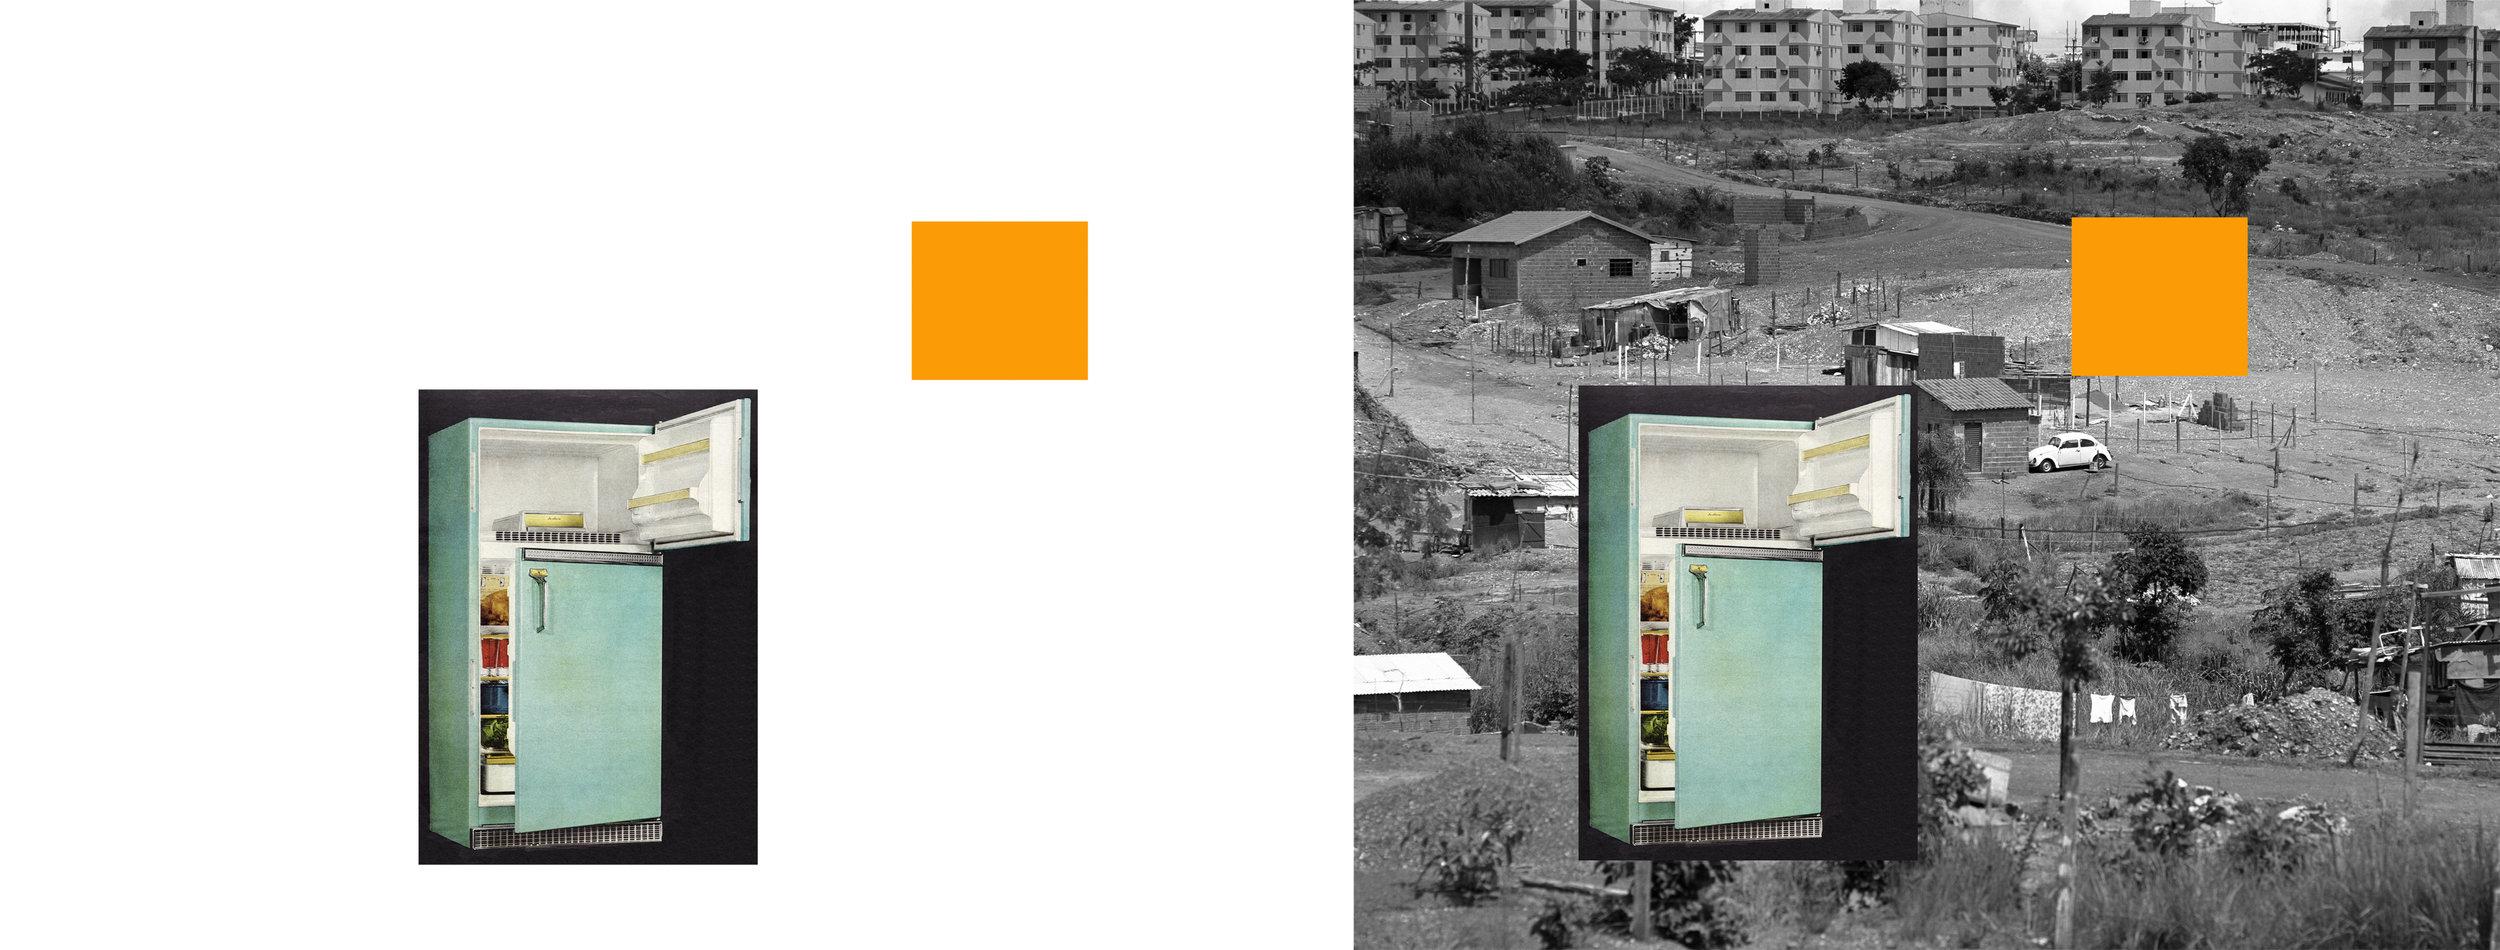 7) Social Landscape (refrigerator).jpg